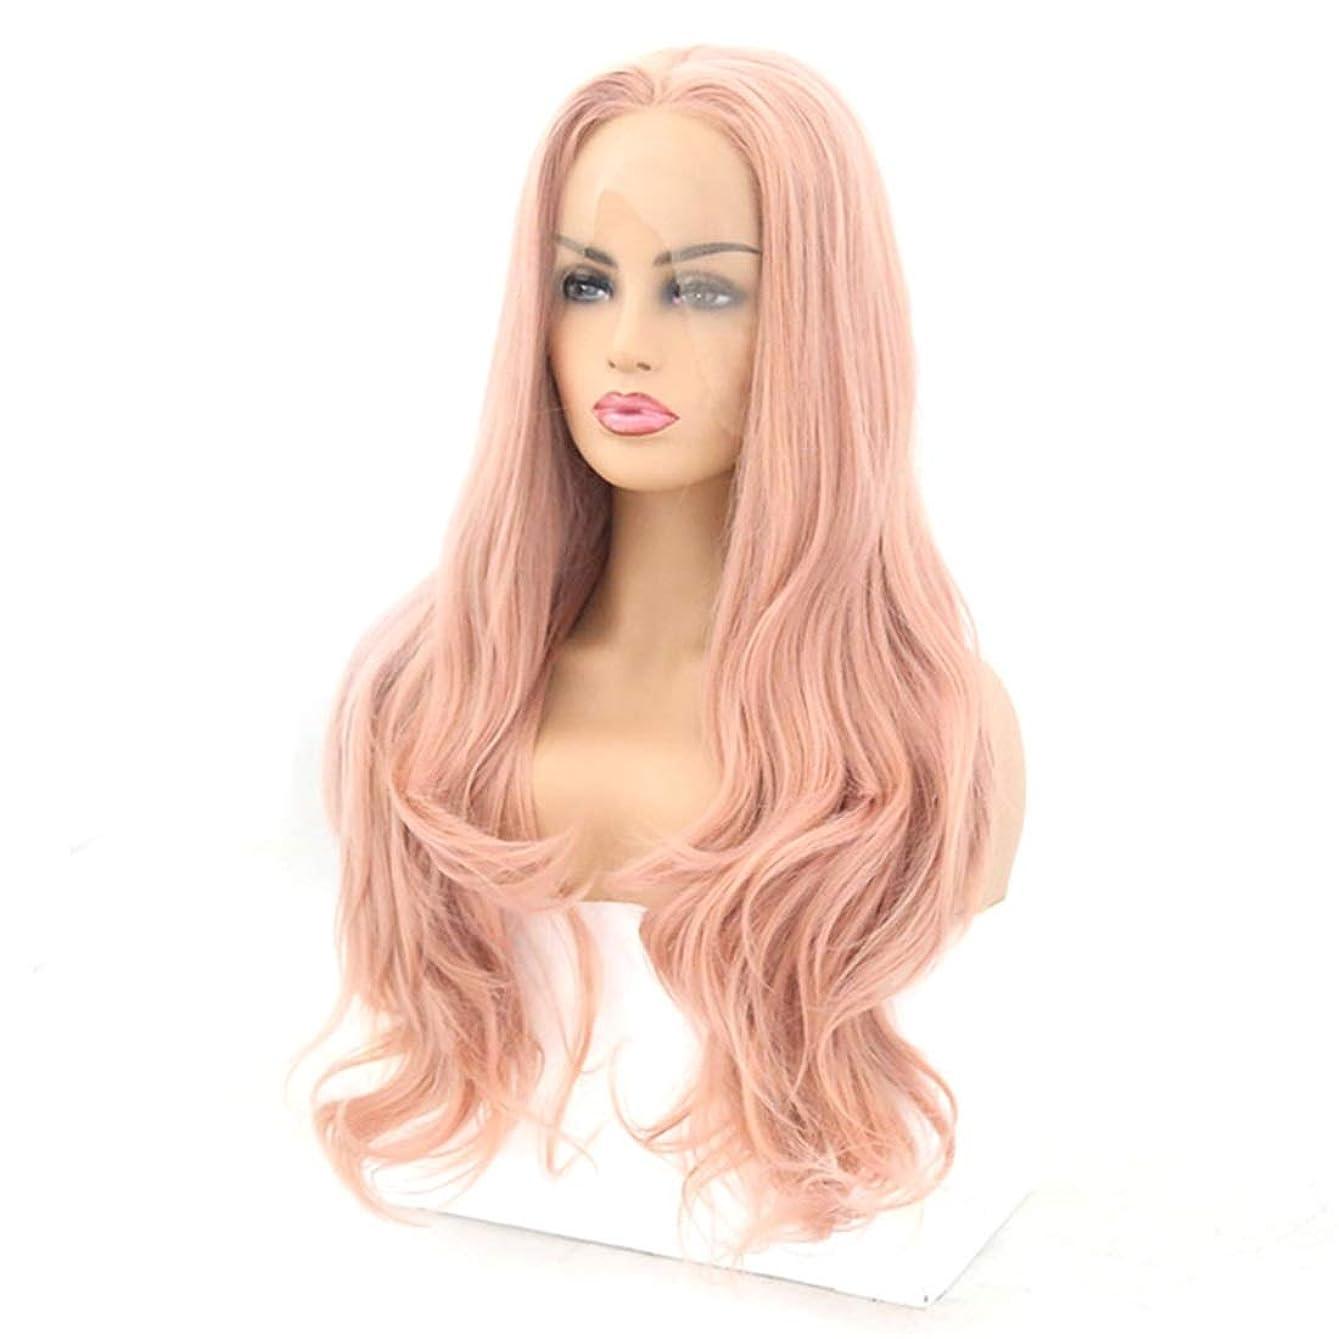 キリスト教許容近似Koloeplf フロントレースかつら長い巻き毛のかつら合成のカラフルなコスプレ日常パーティーかつら本物の髪として自然な女性のためのかつら